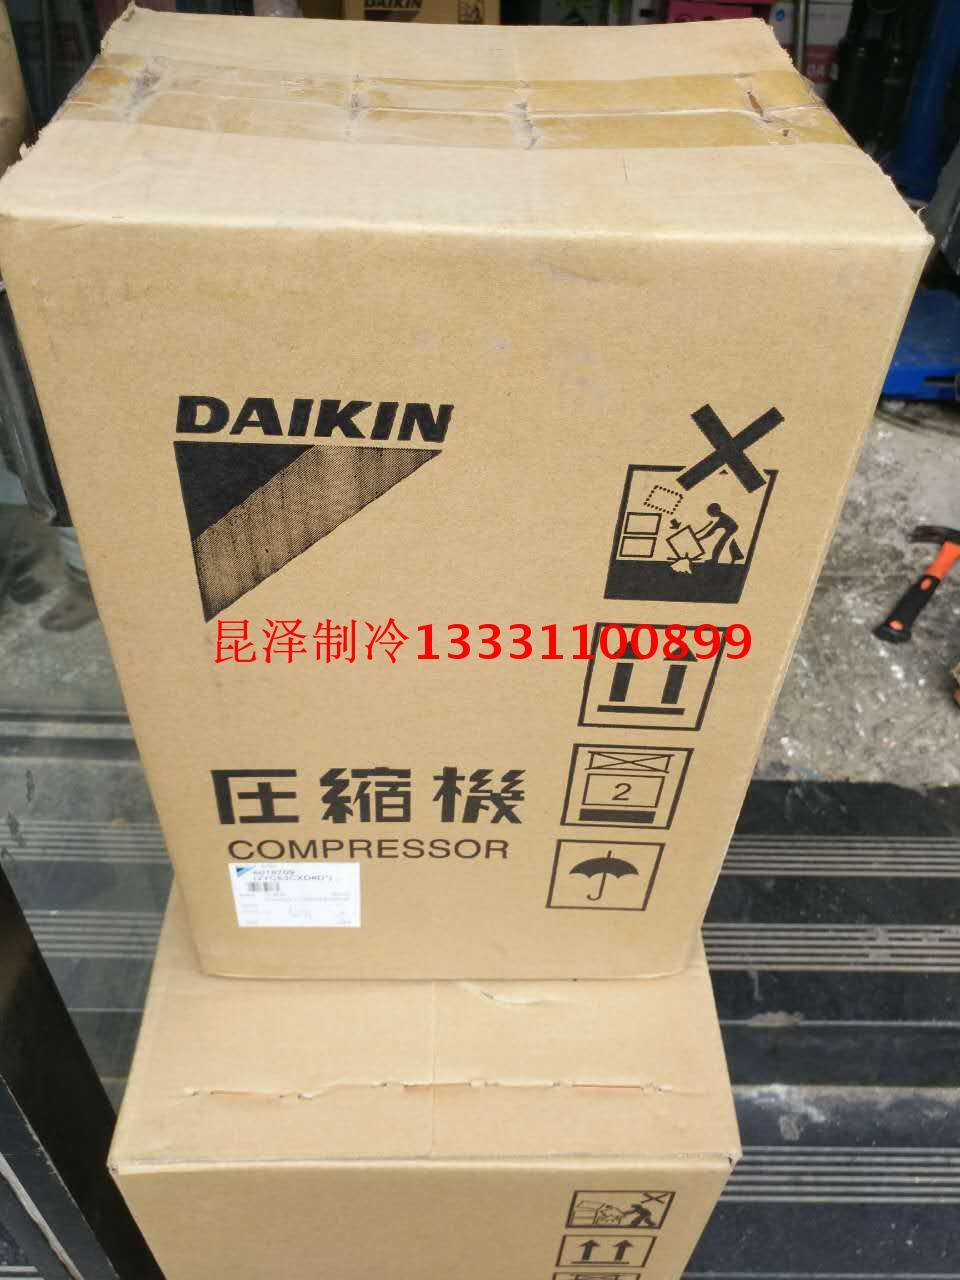 ez egy új 变频 eredeti büntetést a hamis JT1FDVDKTYR 变频 kompresszor tíz kompresszor